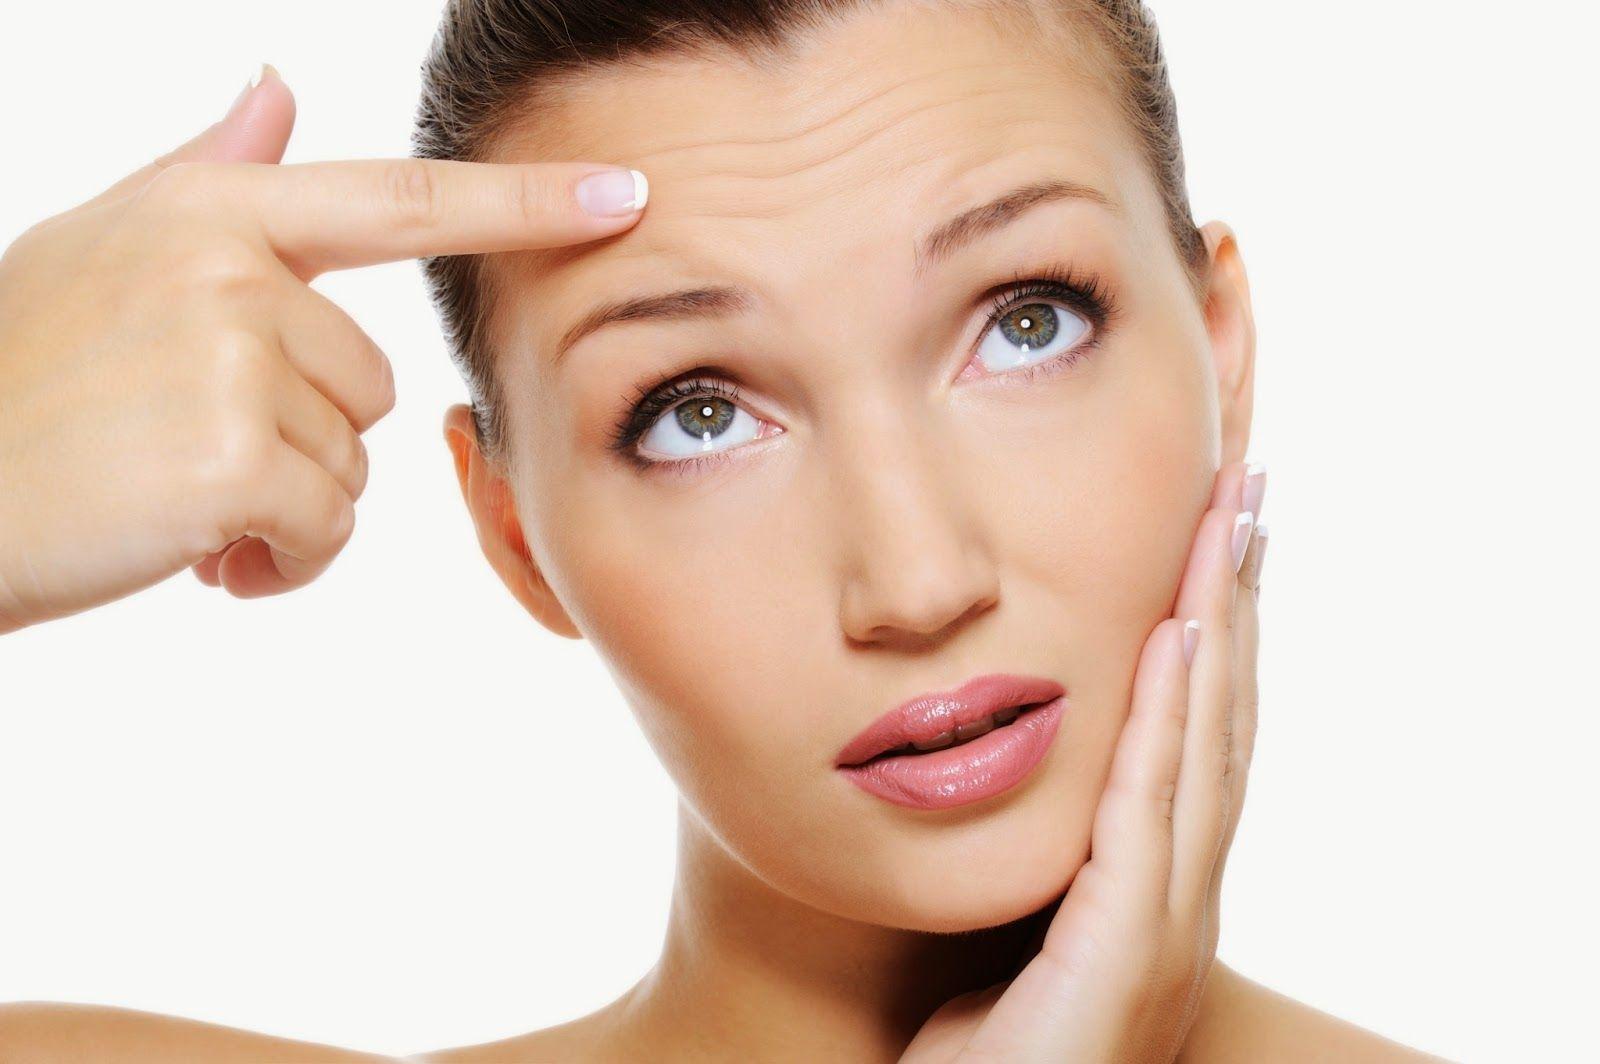 tratamientos antienvejecimiento que sí funcionan